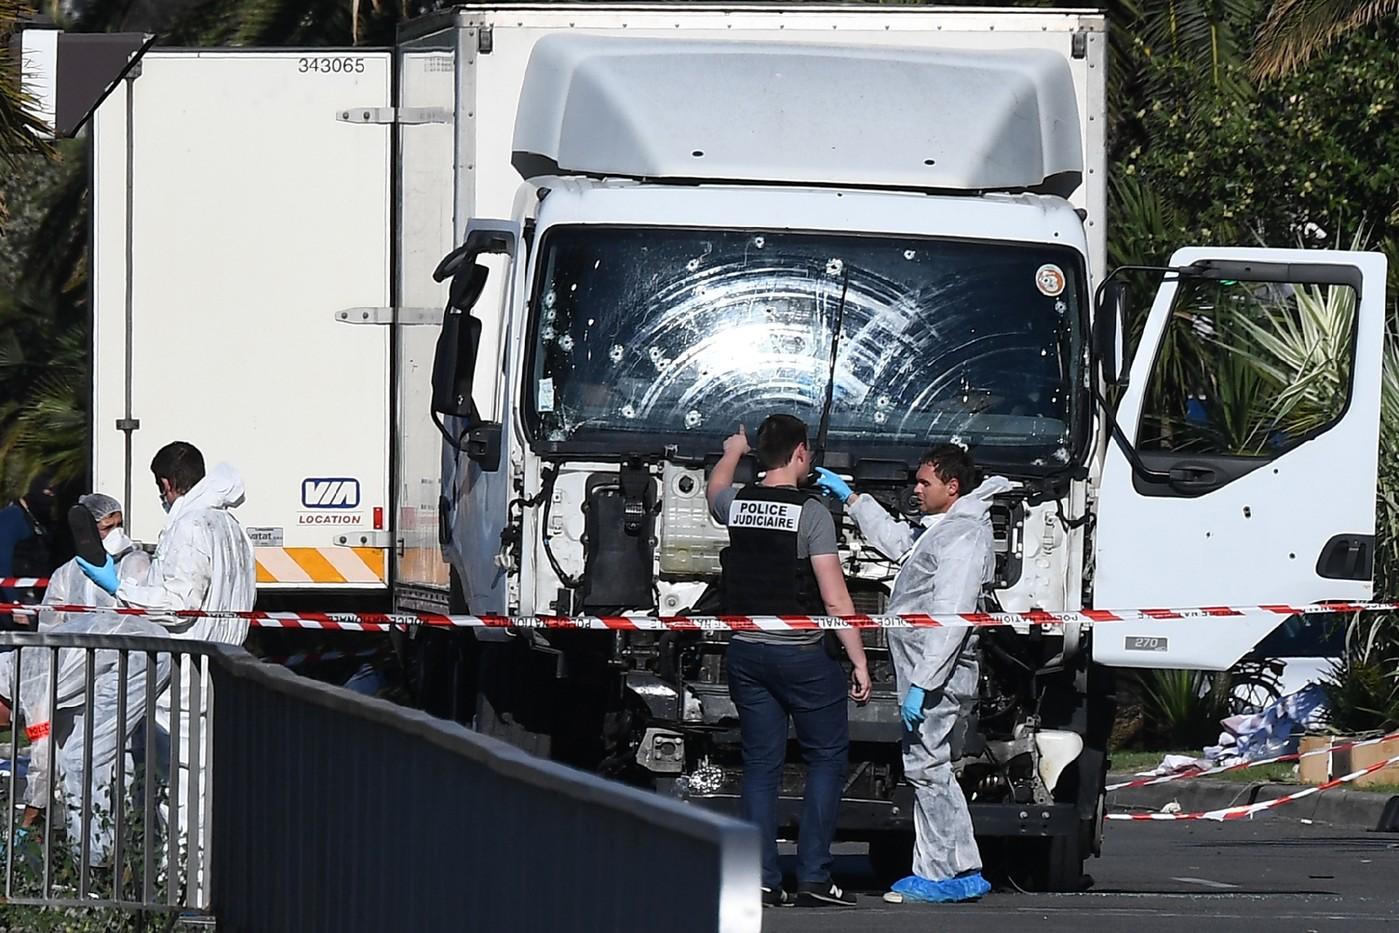 Des experts scientifiques de la police devant le camion criblé de balles de l'auteur de l'attentat sanglant de Nice, le 15 juillet 2016 / AFP